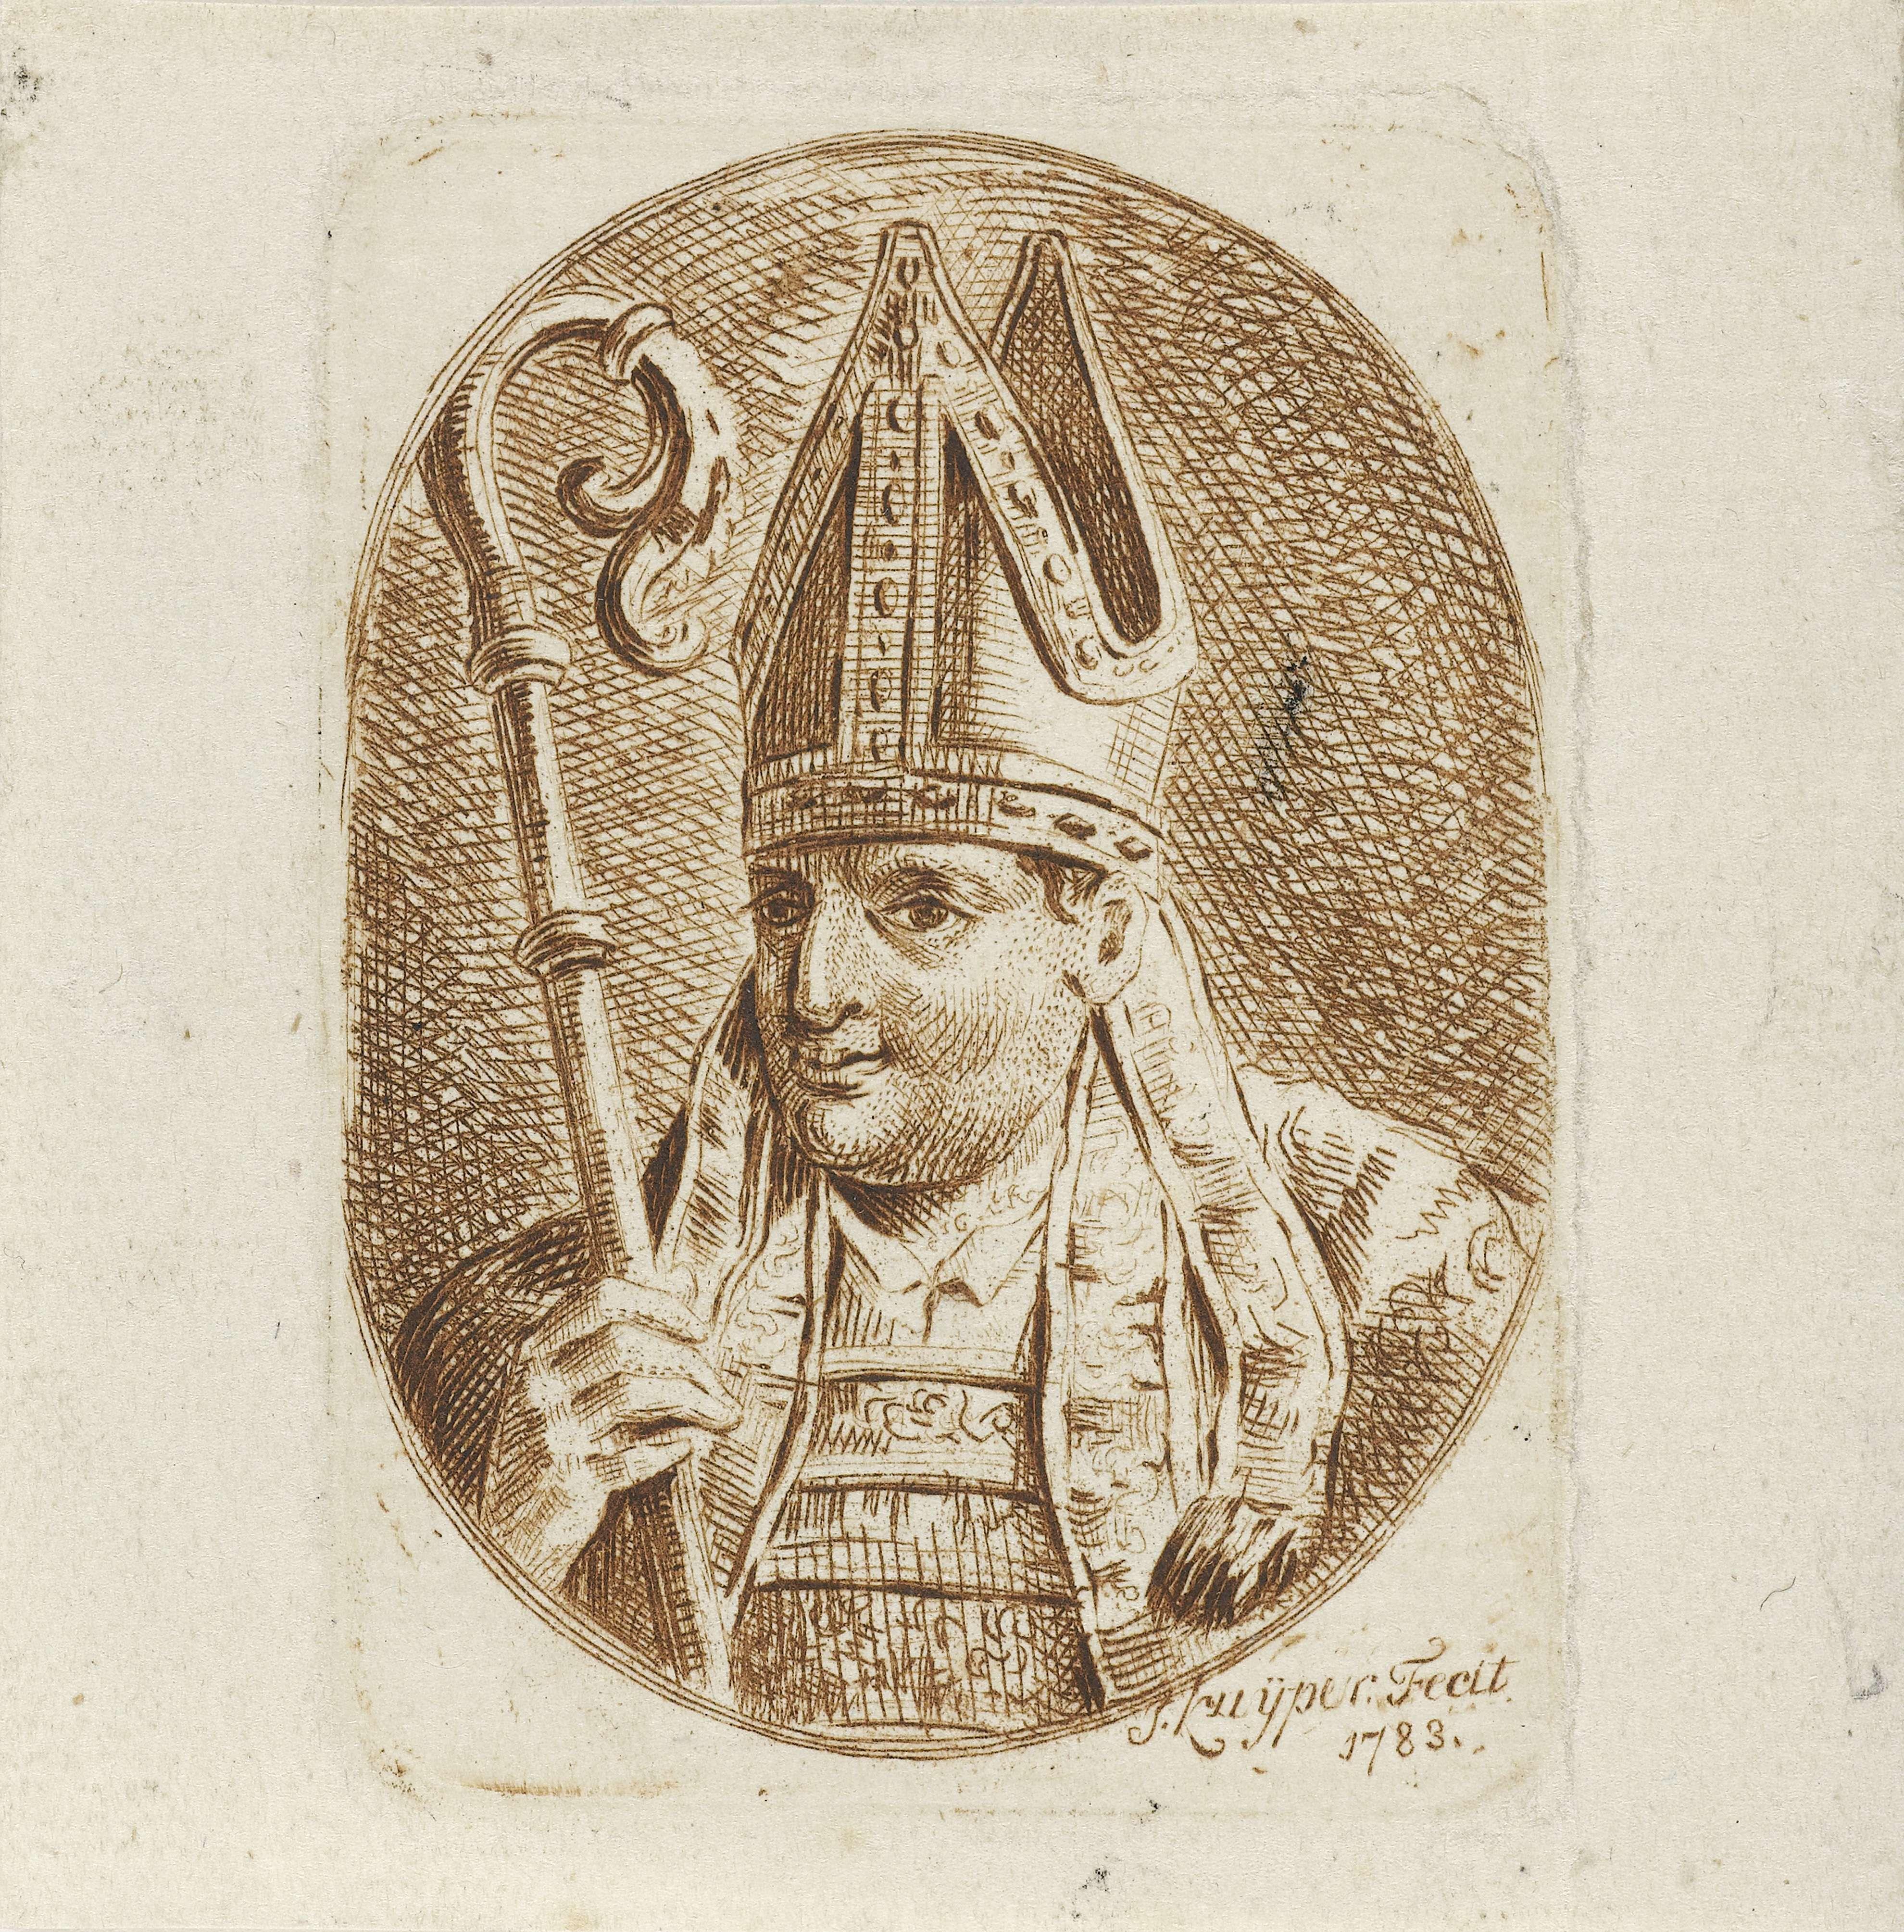 Jacques Kuyper | Portret van de heilige Bonifatius, Jacques Kuyper, 1783 | Portretbuste van de heilige Bonifatius in een ovaal naar links. Bonifatius draagt een mijter op het hoofd en heeft in de rechterhand een bisschopsstaf.